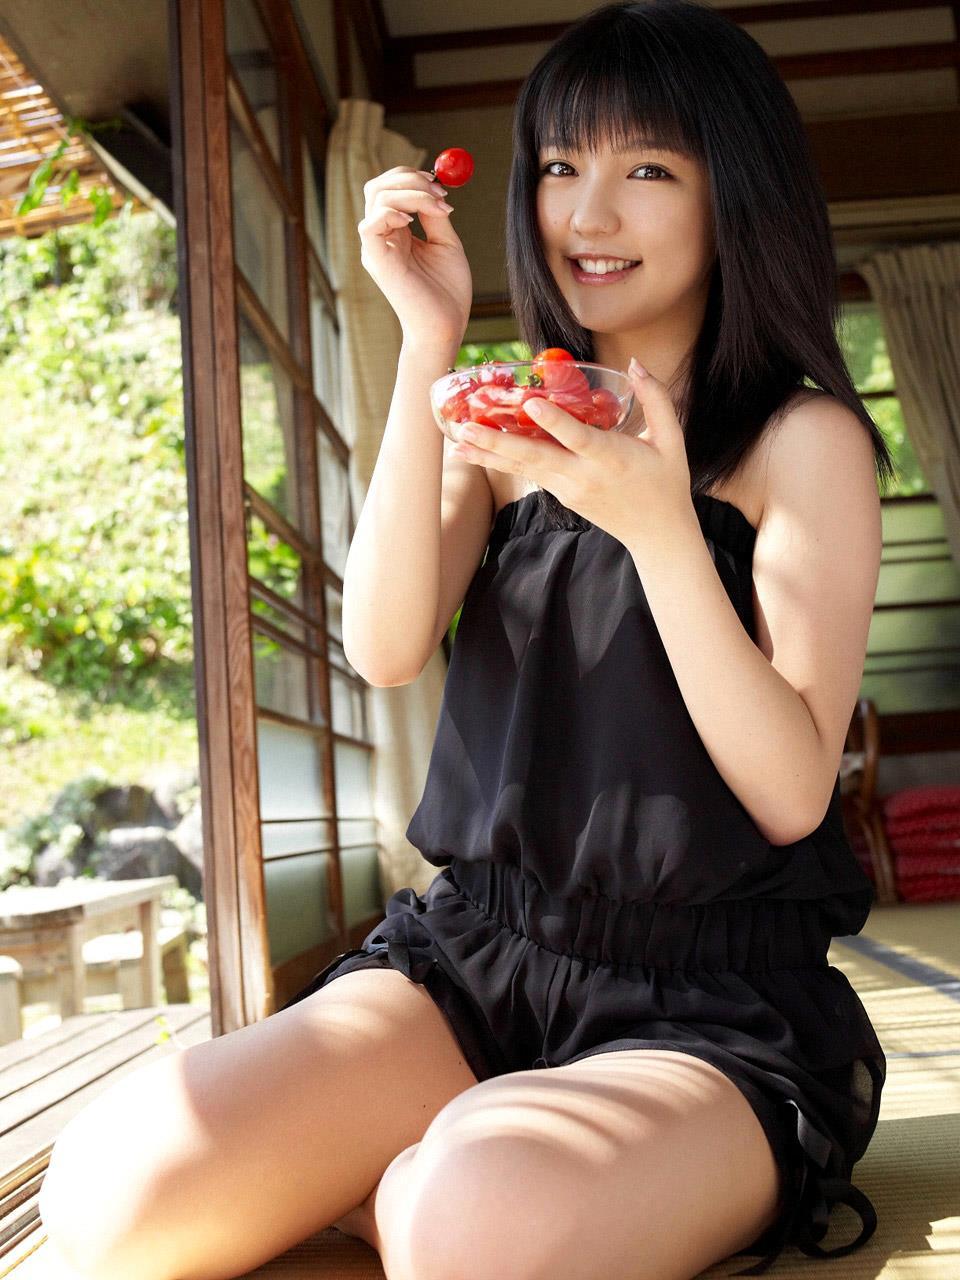 真野恵里菜 画像 104